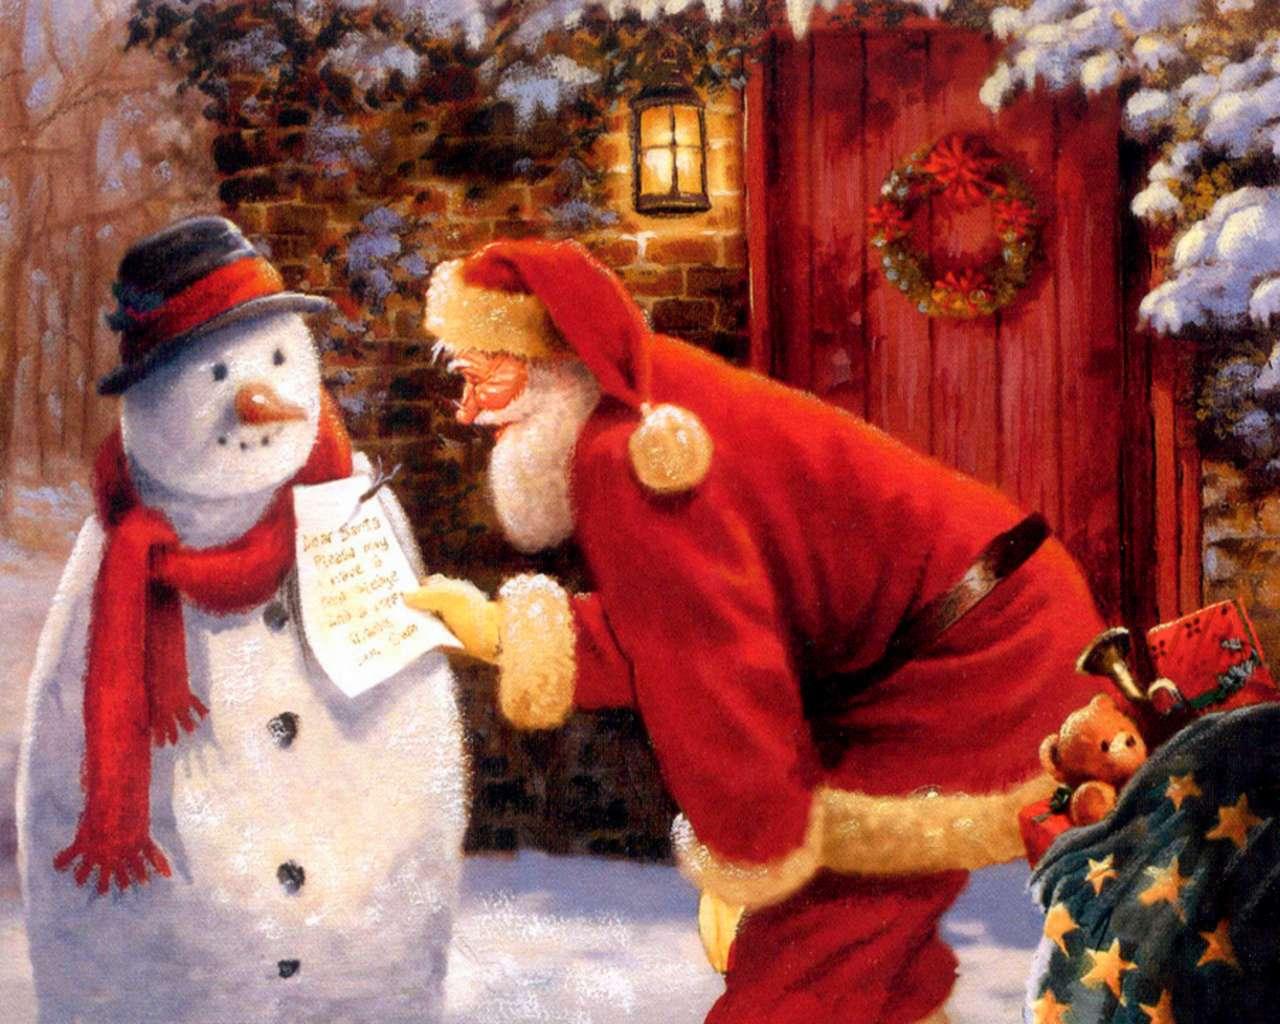 Babbo Natale Babbo Natale.Ricerca Il Mito Di Babbo Natale Puo Essere Dannoso Delude E Mina